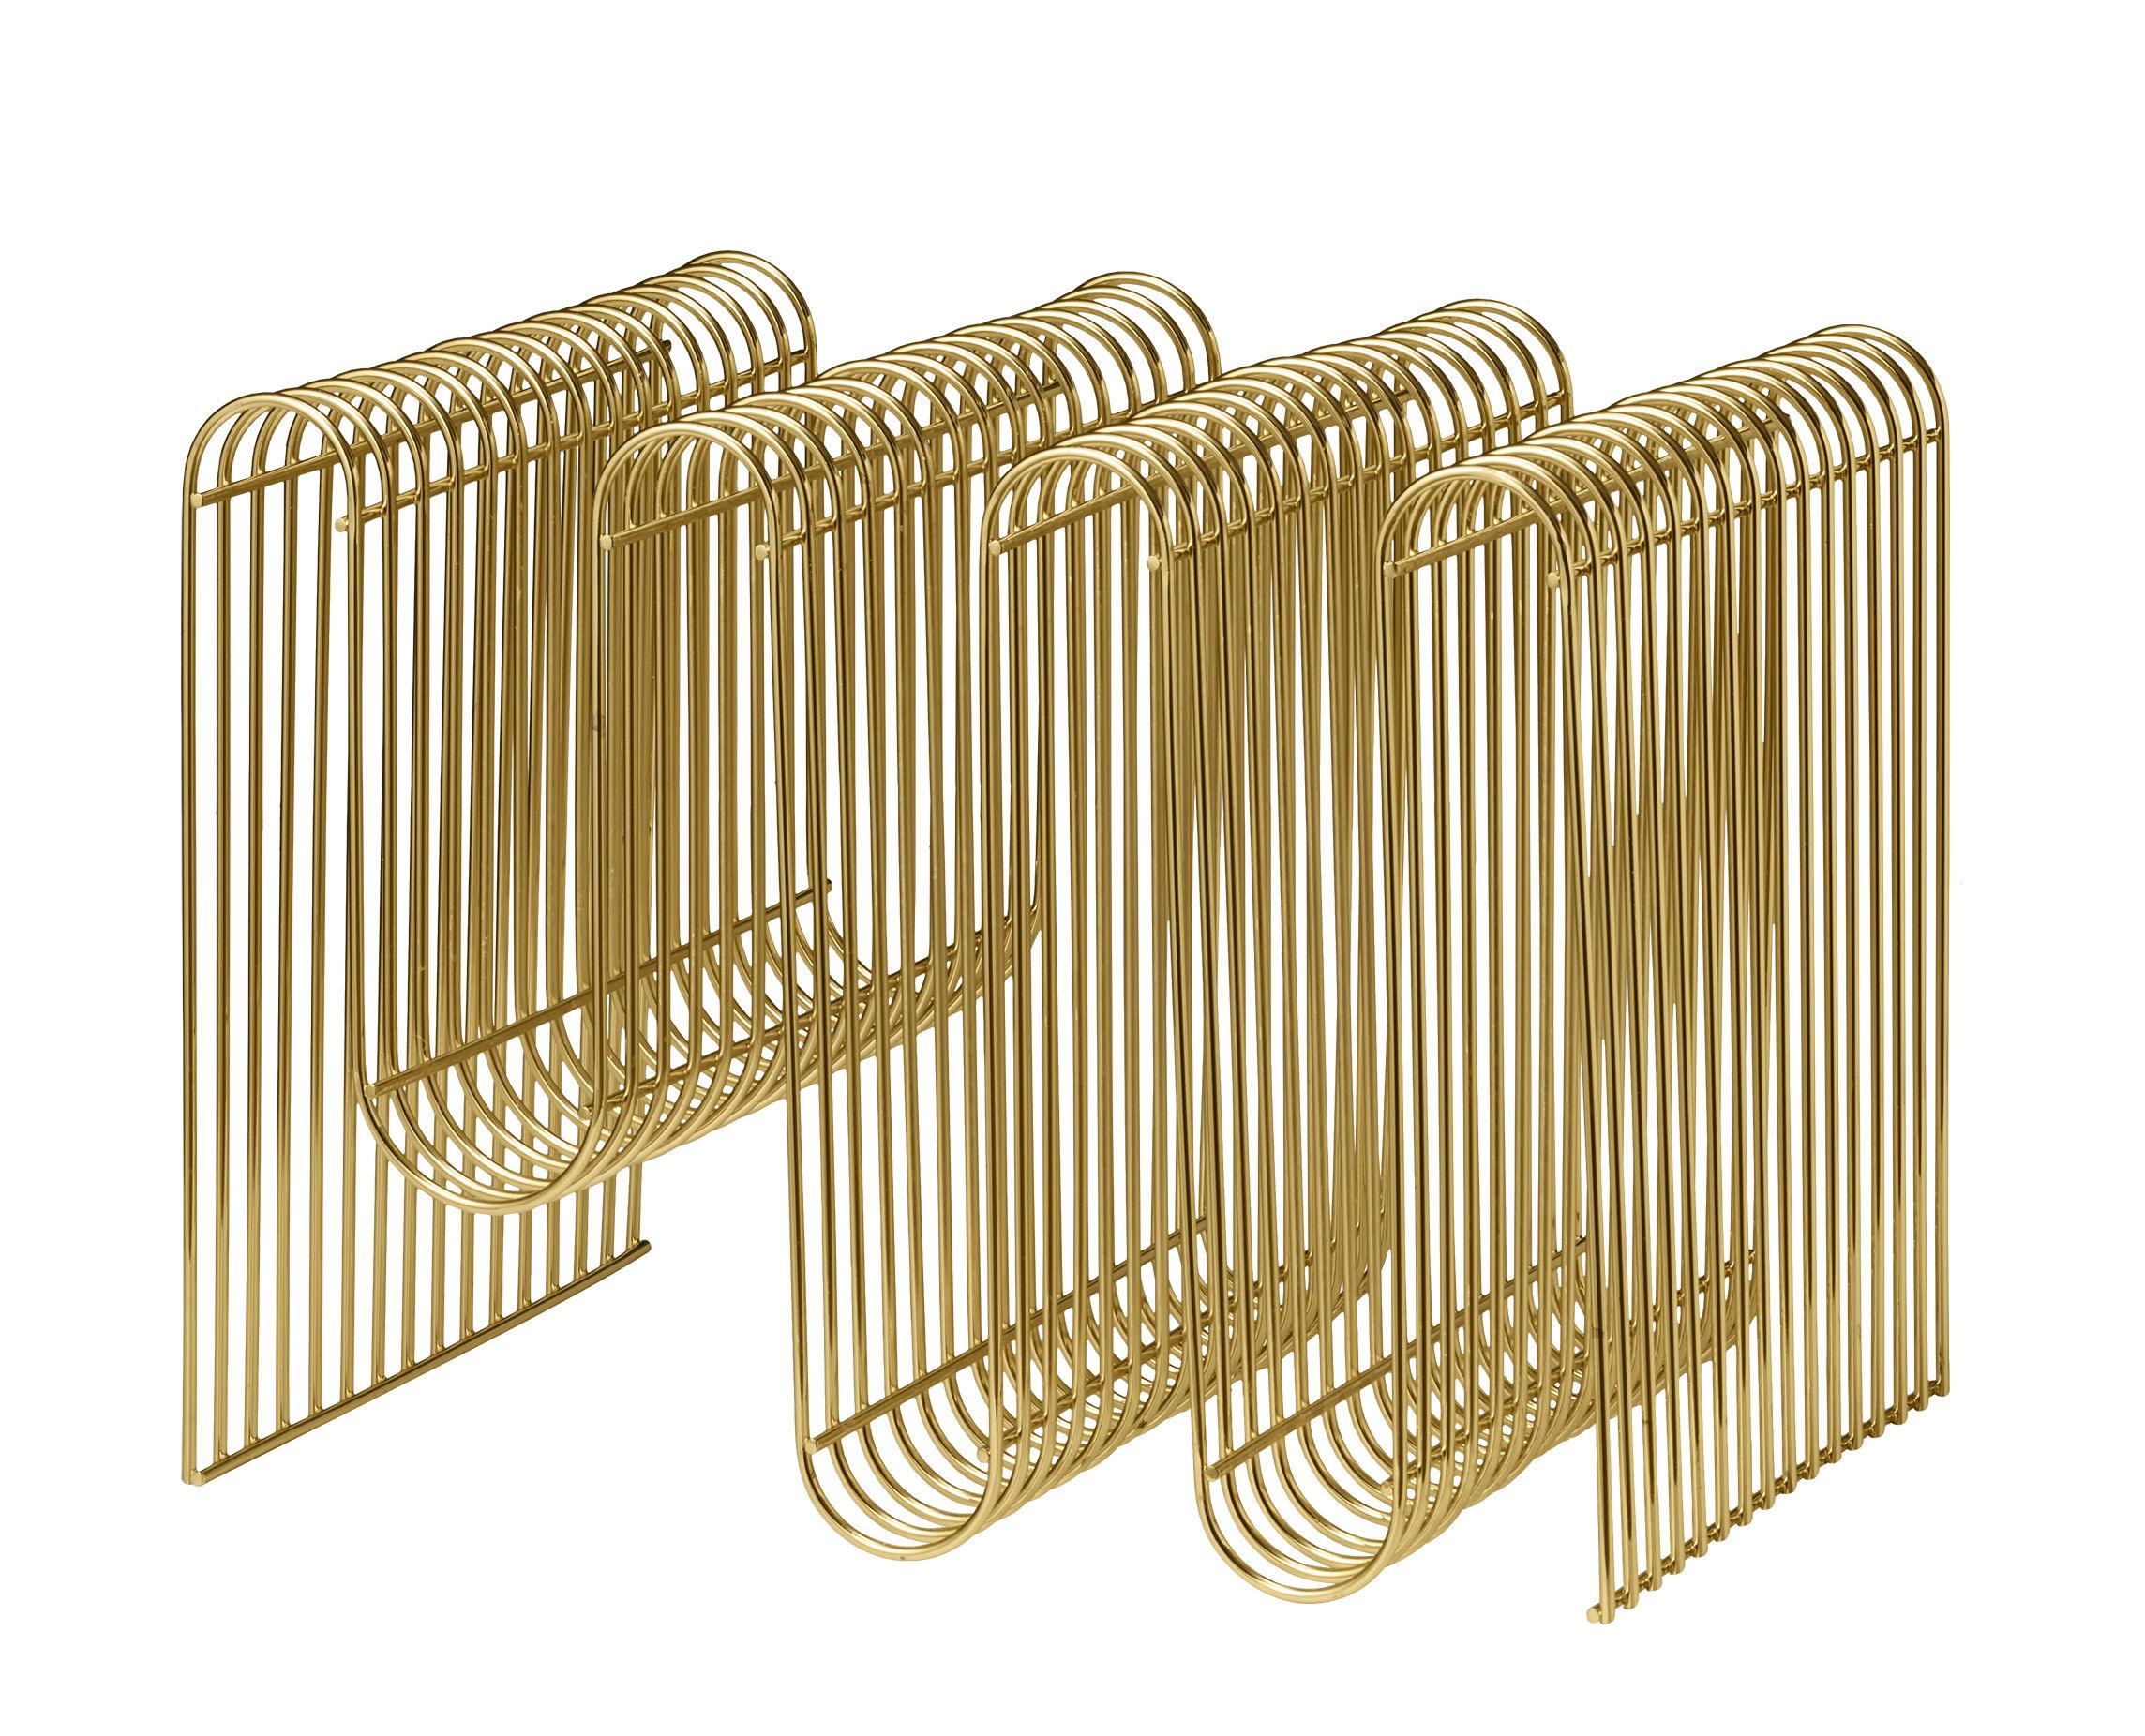 Interni - Contenitori e Cesti - Portariviste Curva - / L 40 x H 30 cm di AYTM - Ottone - Ferro placcato in ottone